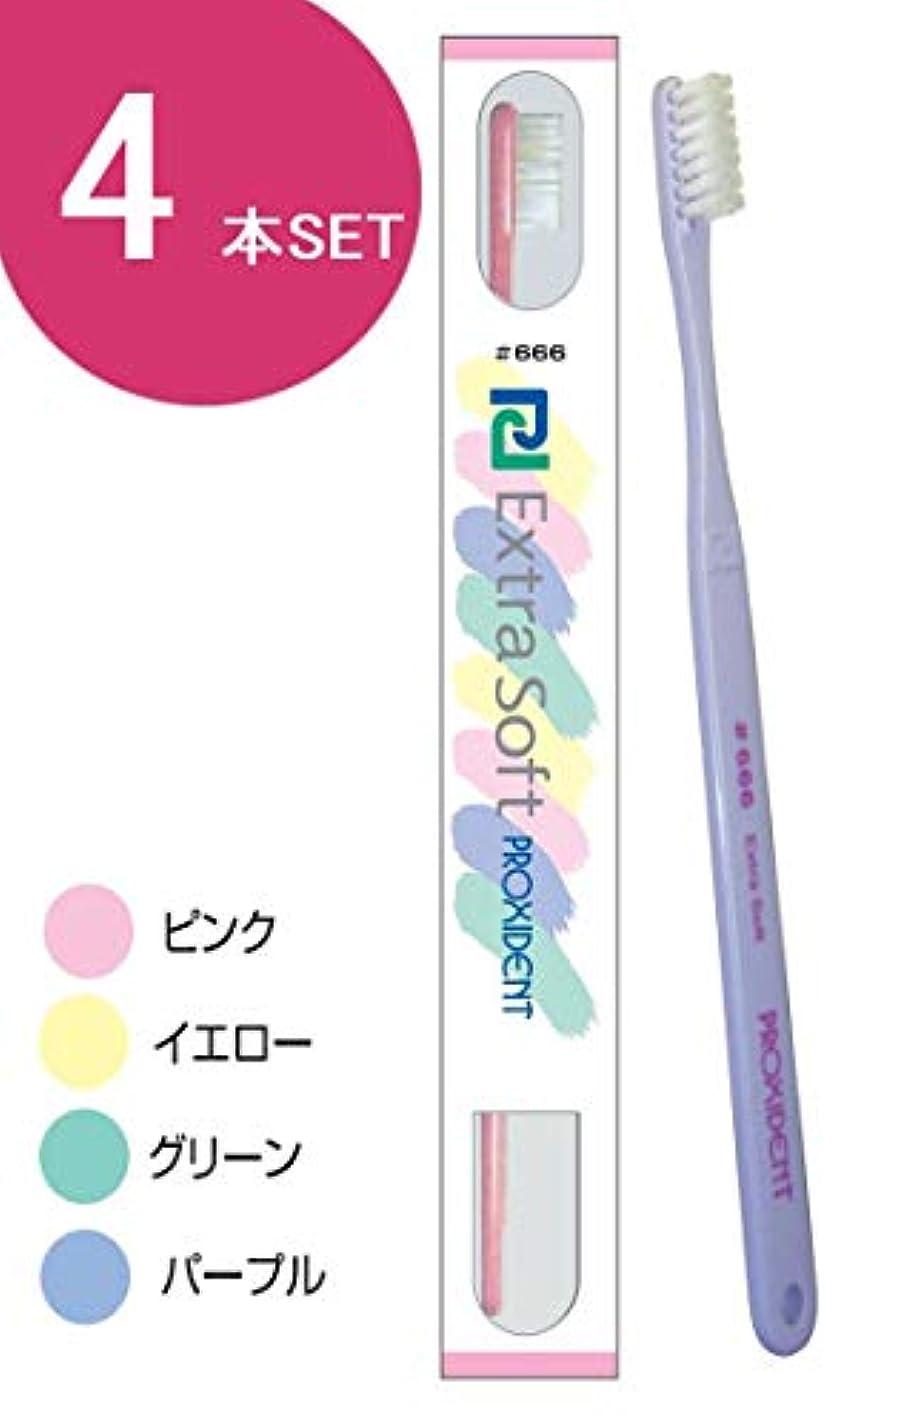 チャート環境素晴らしさプローデント プロキシデント コンパクトヘッド ES(エクストラソフト) 歯ブラシ #666 (4本)